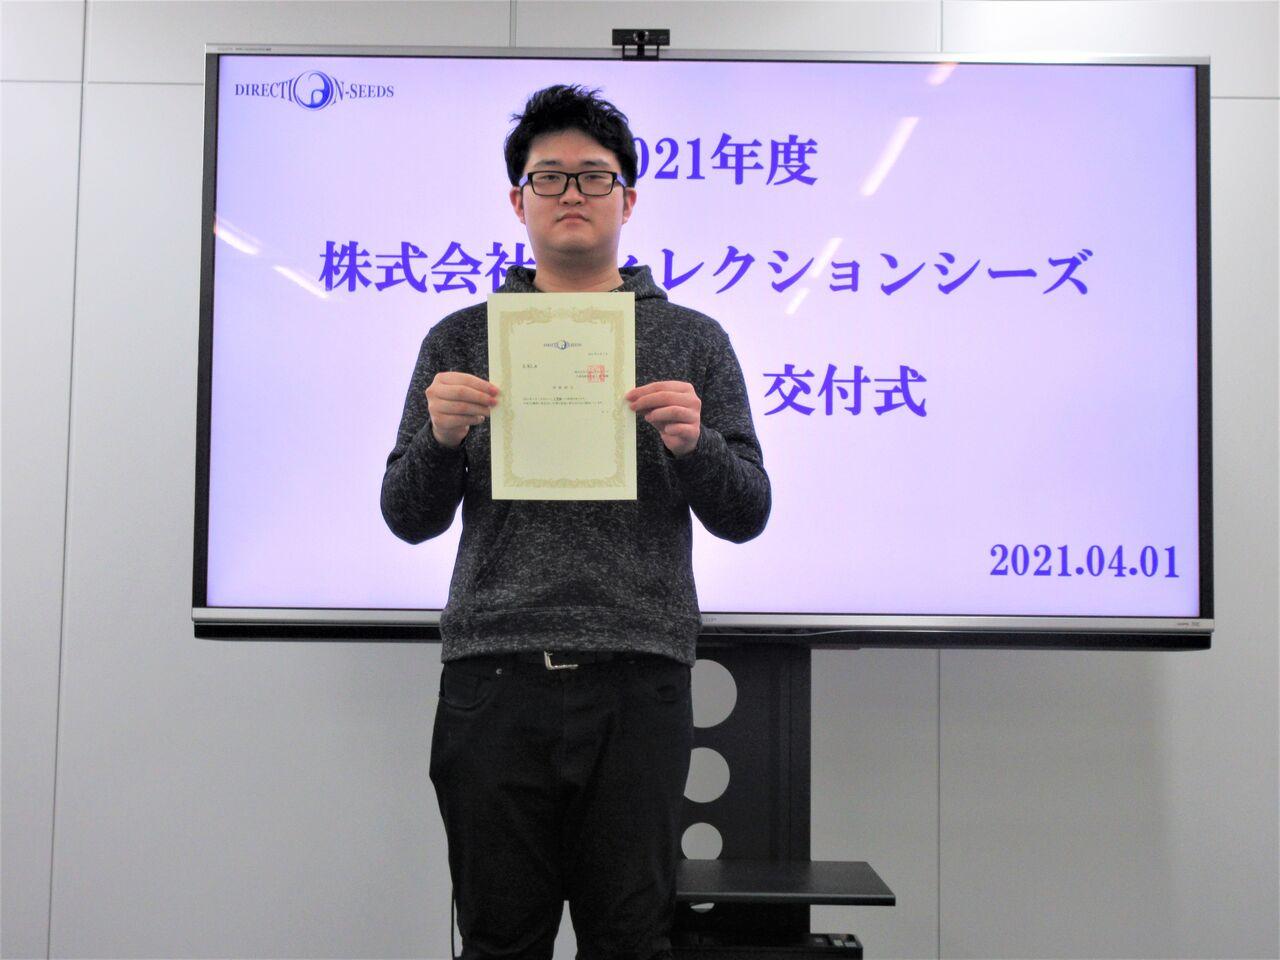 20210401_入社式・昇格辞令交付式 (68)